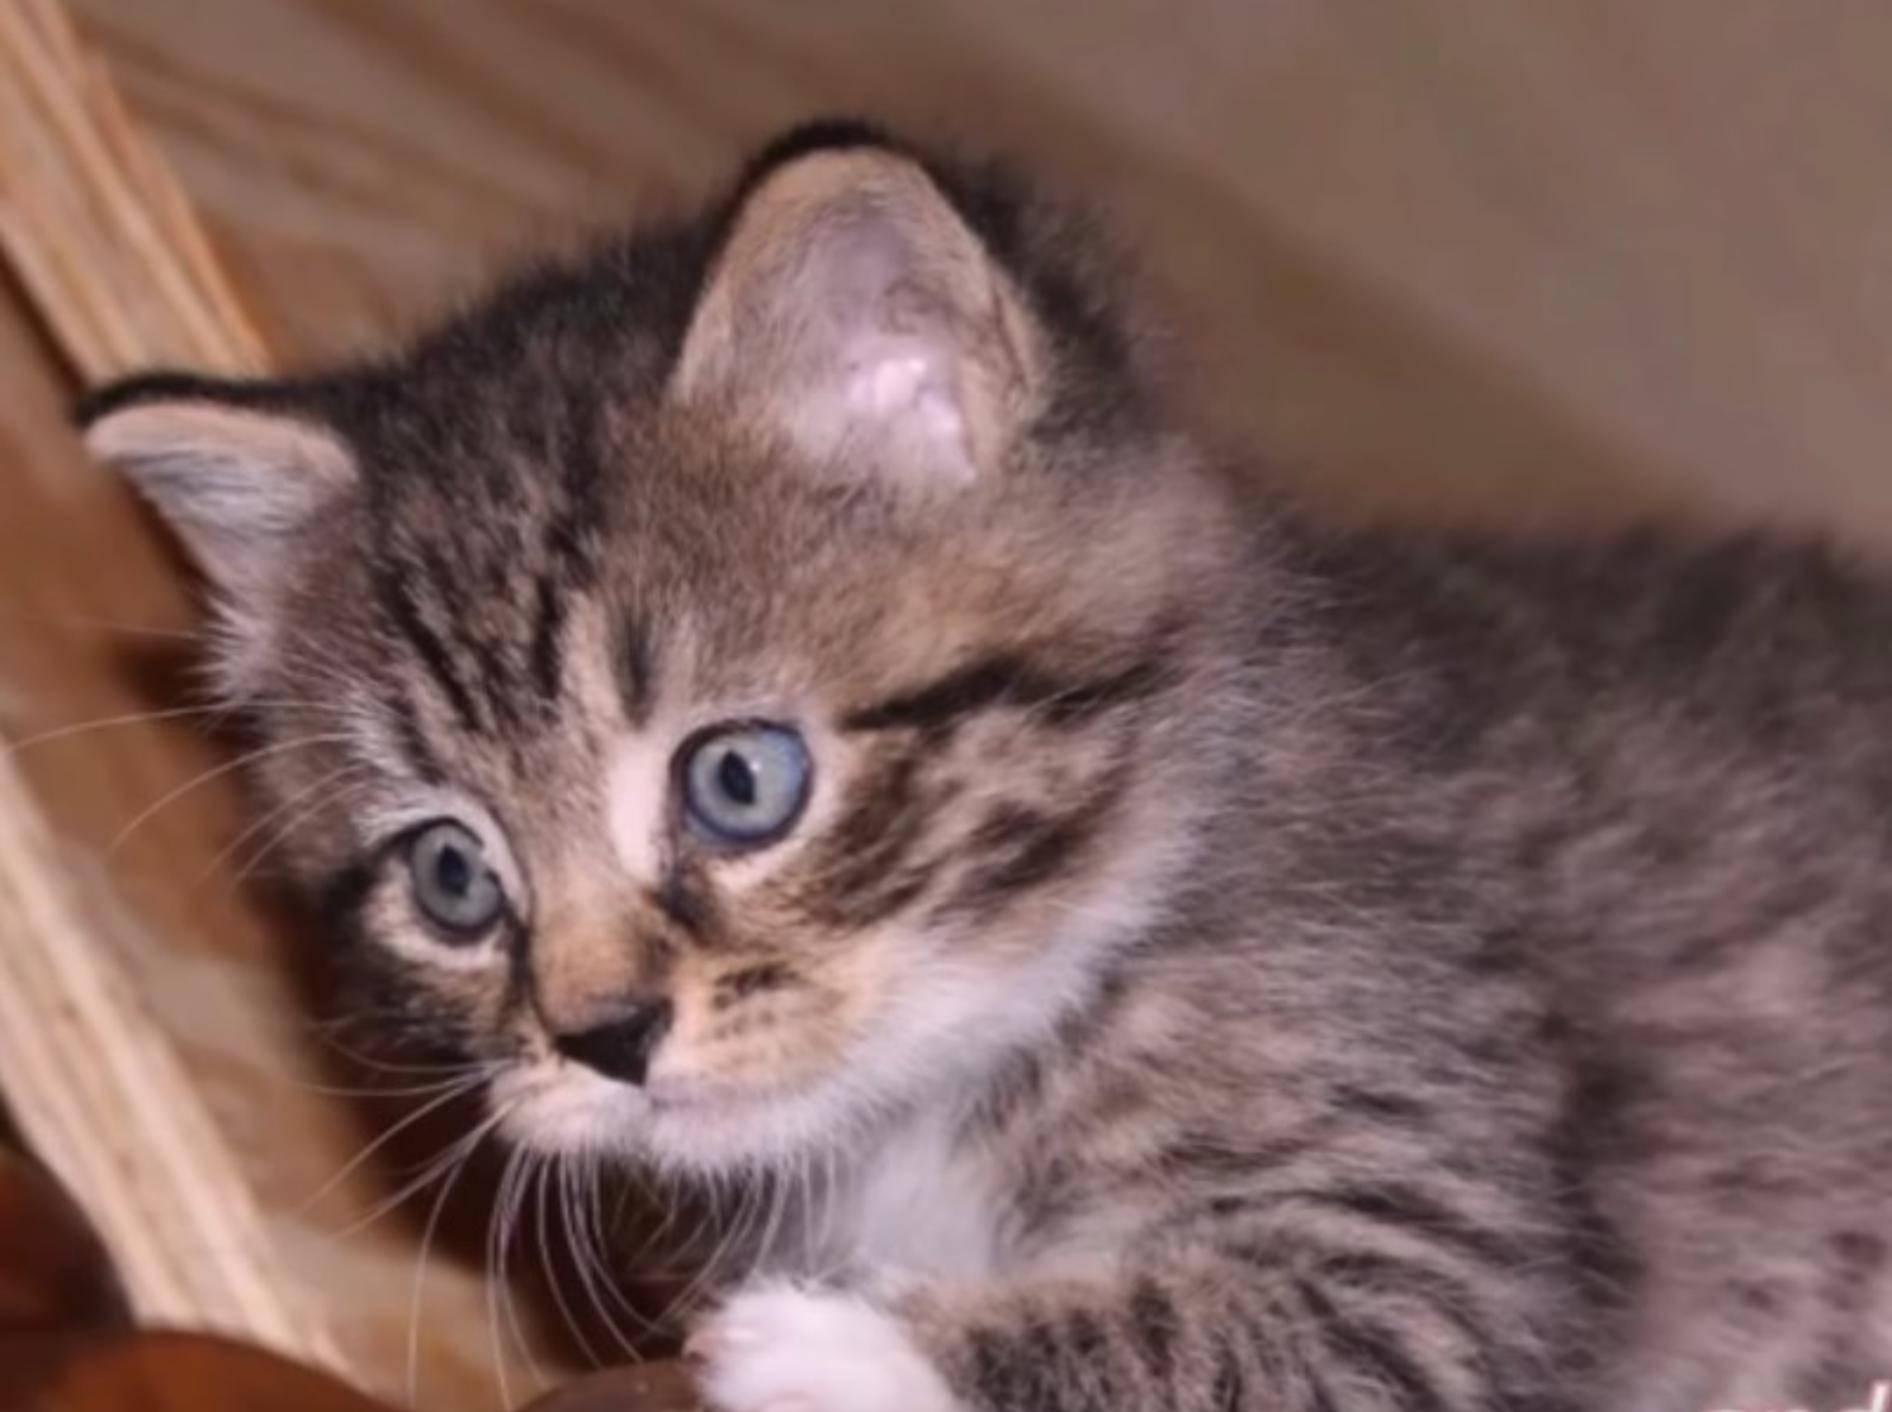 So viel Glück – Kitten Leonard konnte gerettet werden – YouTube / Joshua Gold